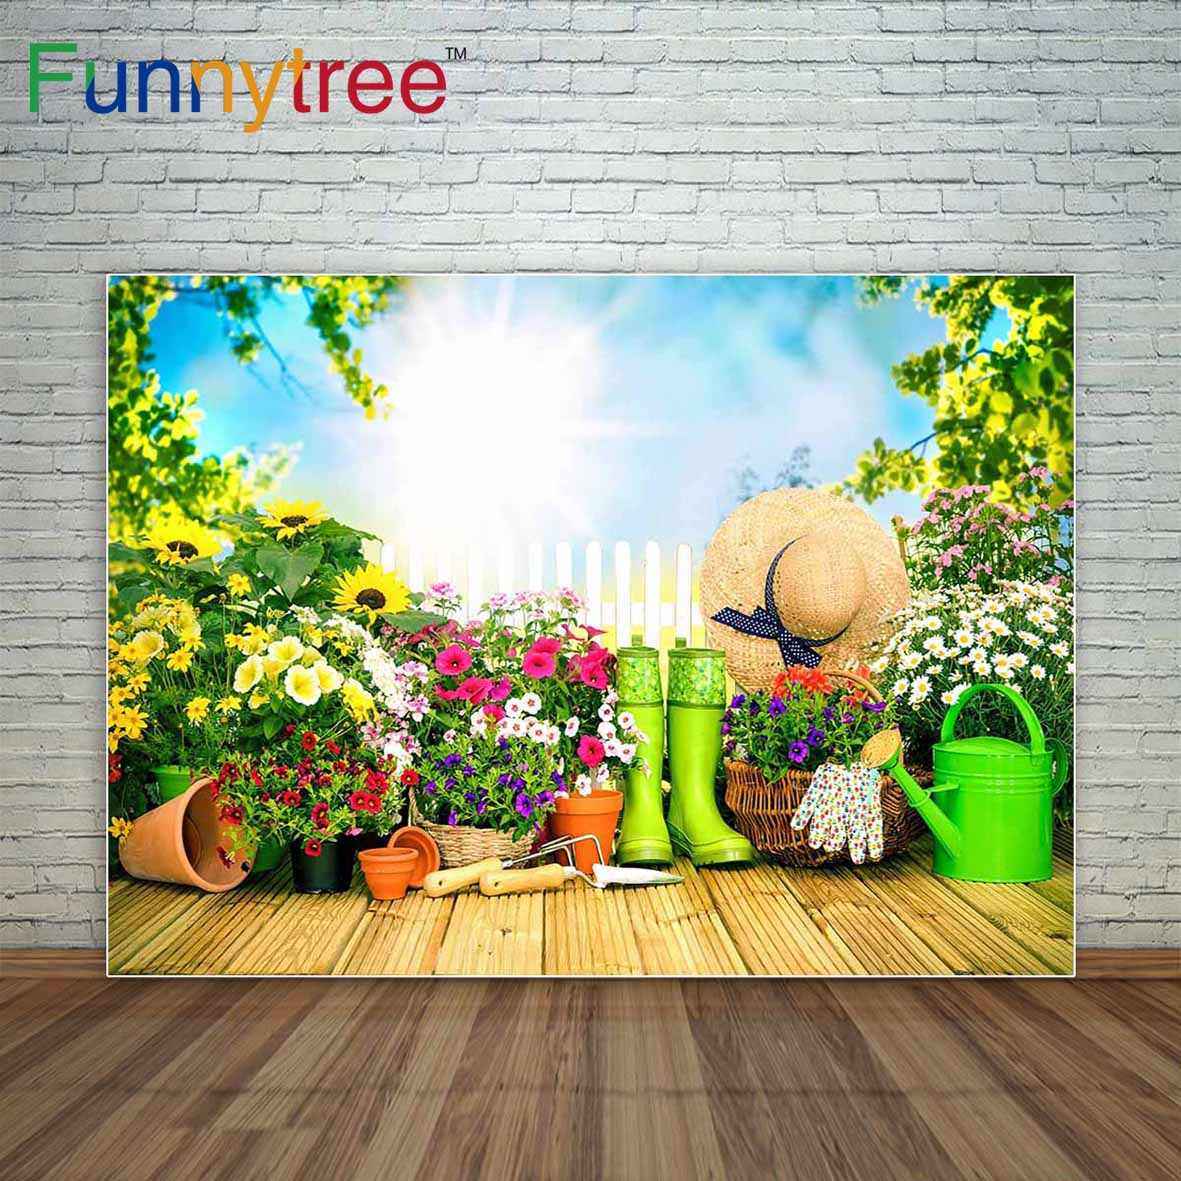 Funnytree Herramientas De Jardinería Y Flores En La Terraza En El Jardín Decoración Fondo Fotográfico Decoraciones Para El Hogar